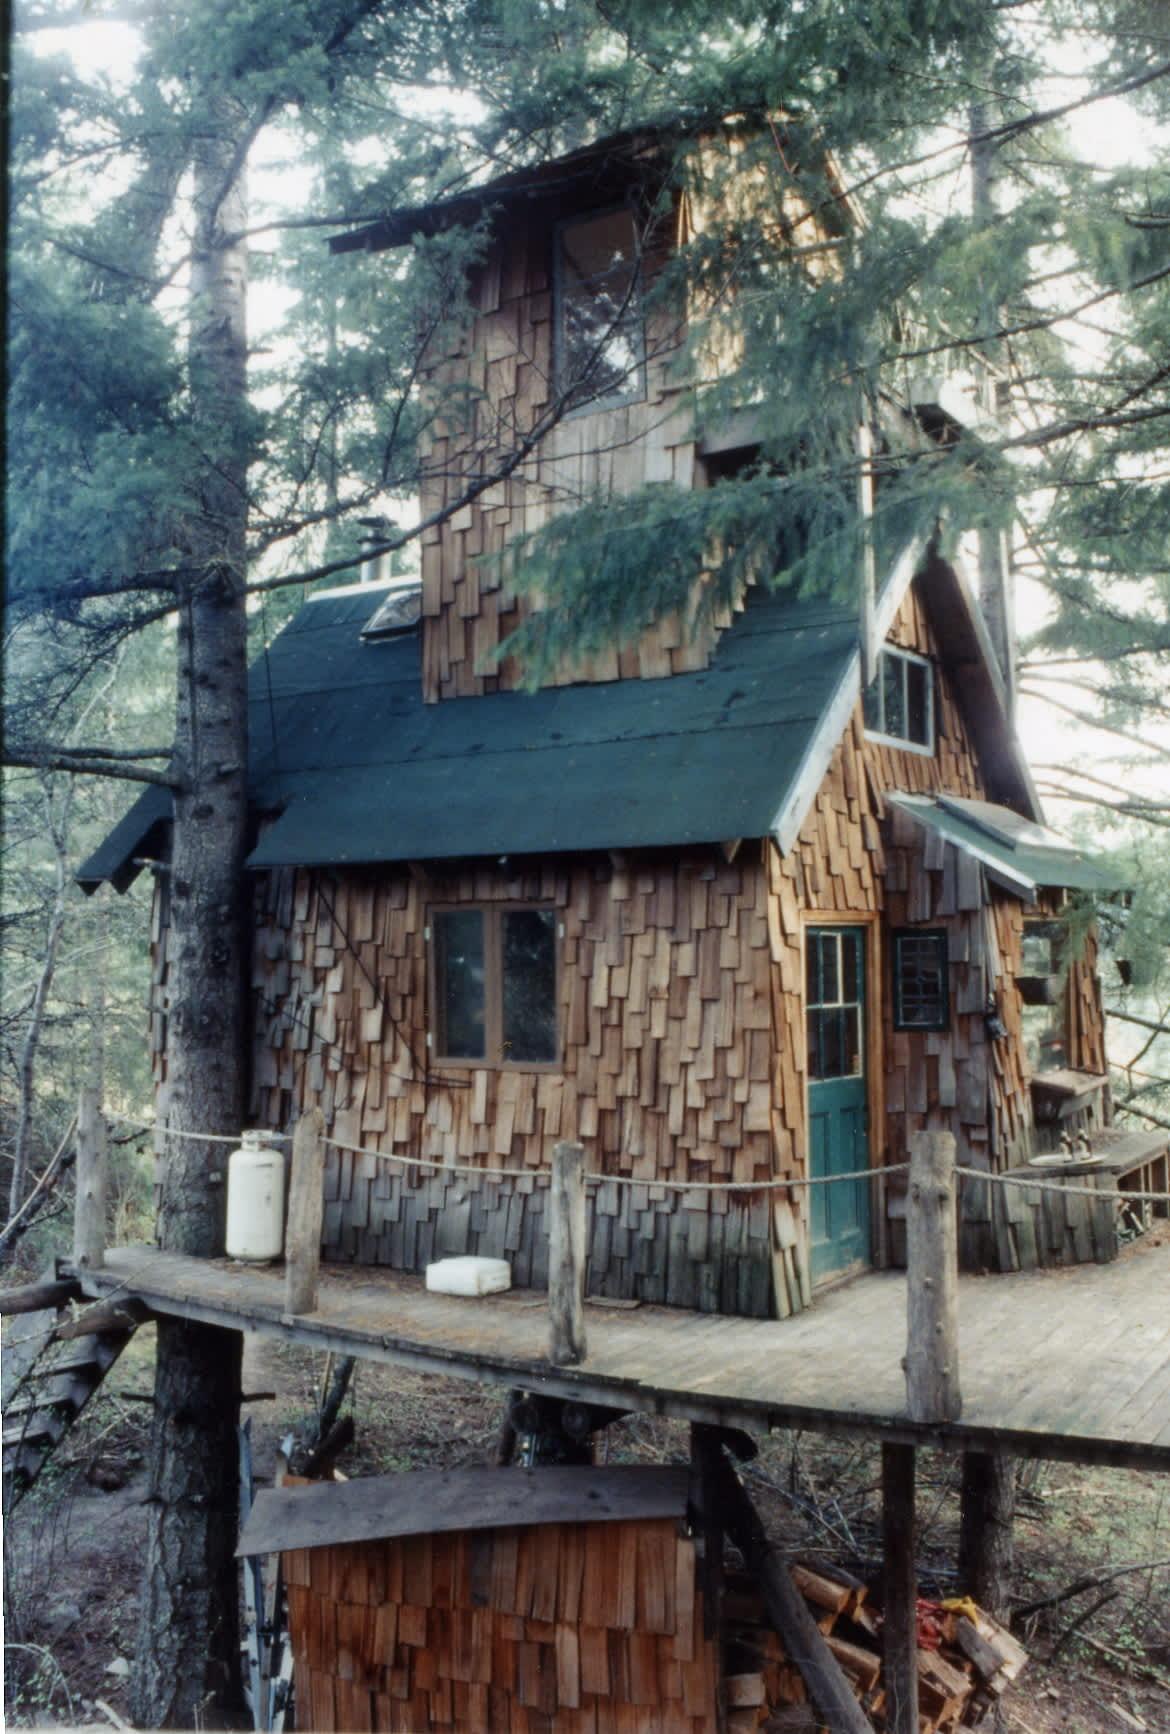 Seth Tibbott Tofurky Treehouse Huddleston 191126 1